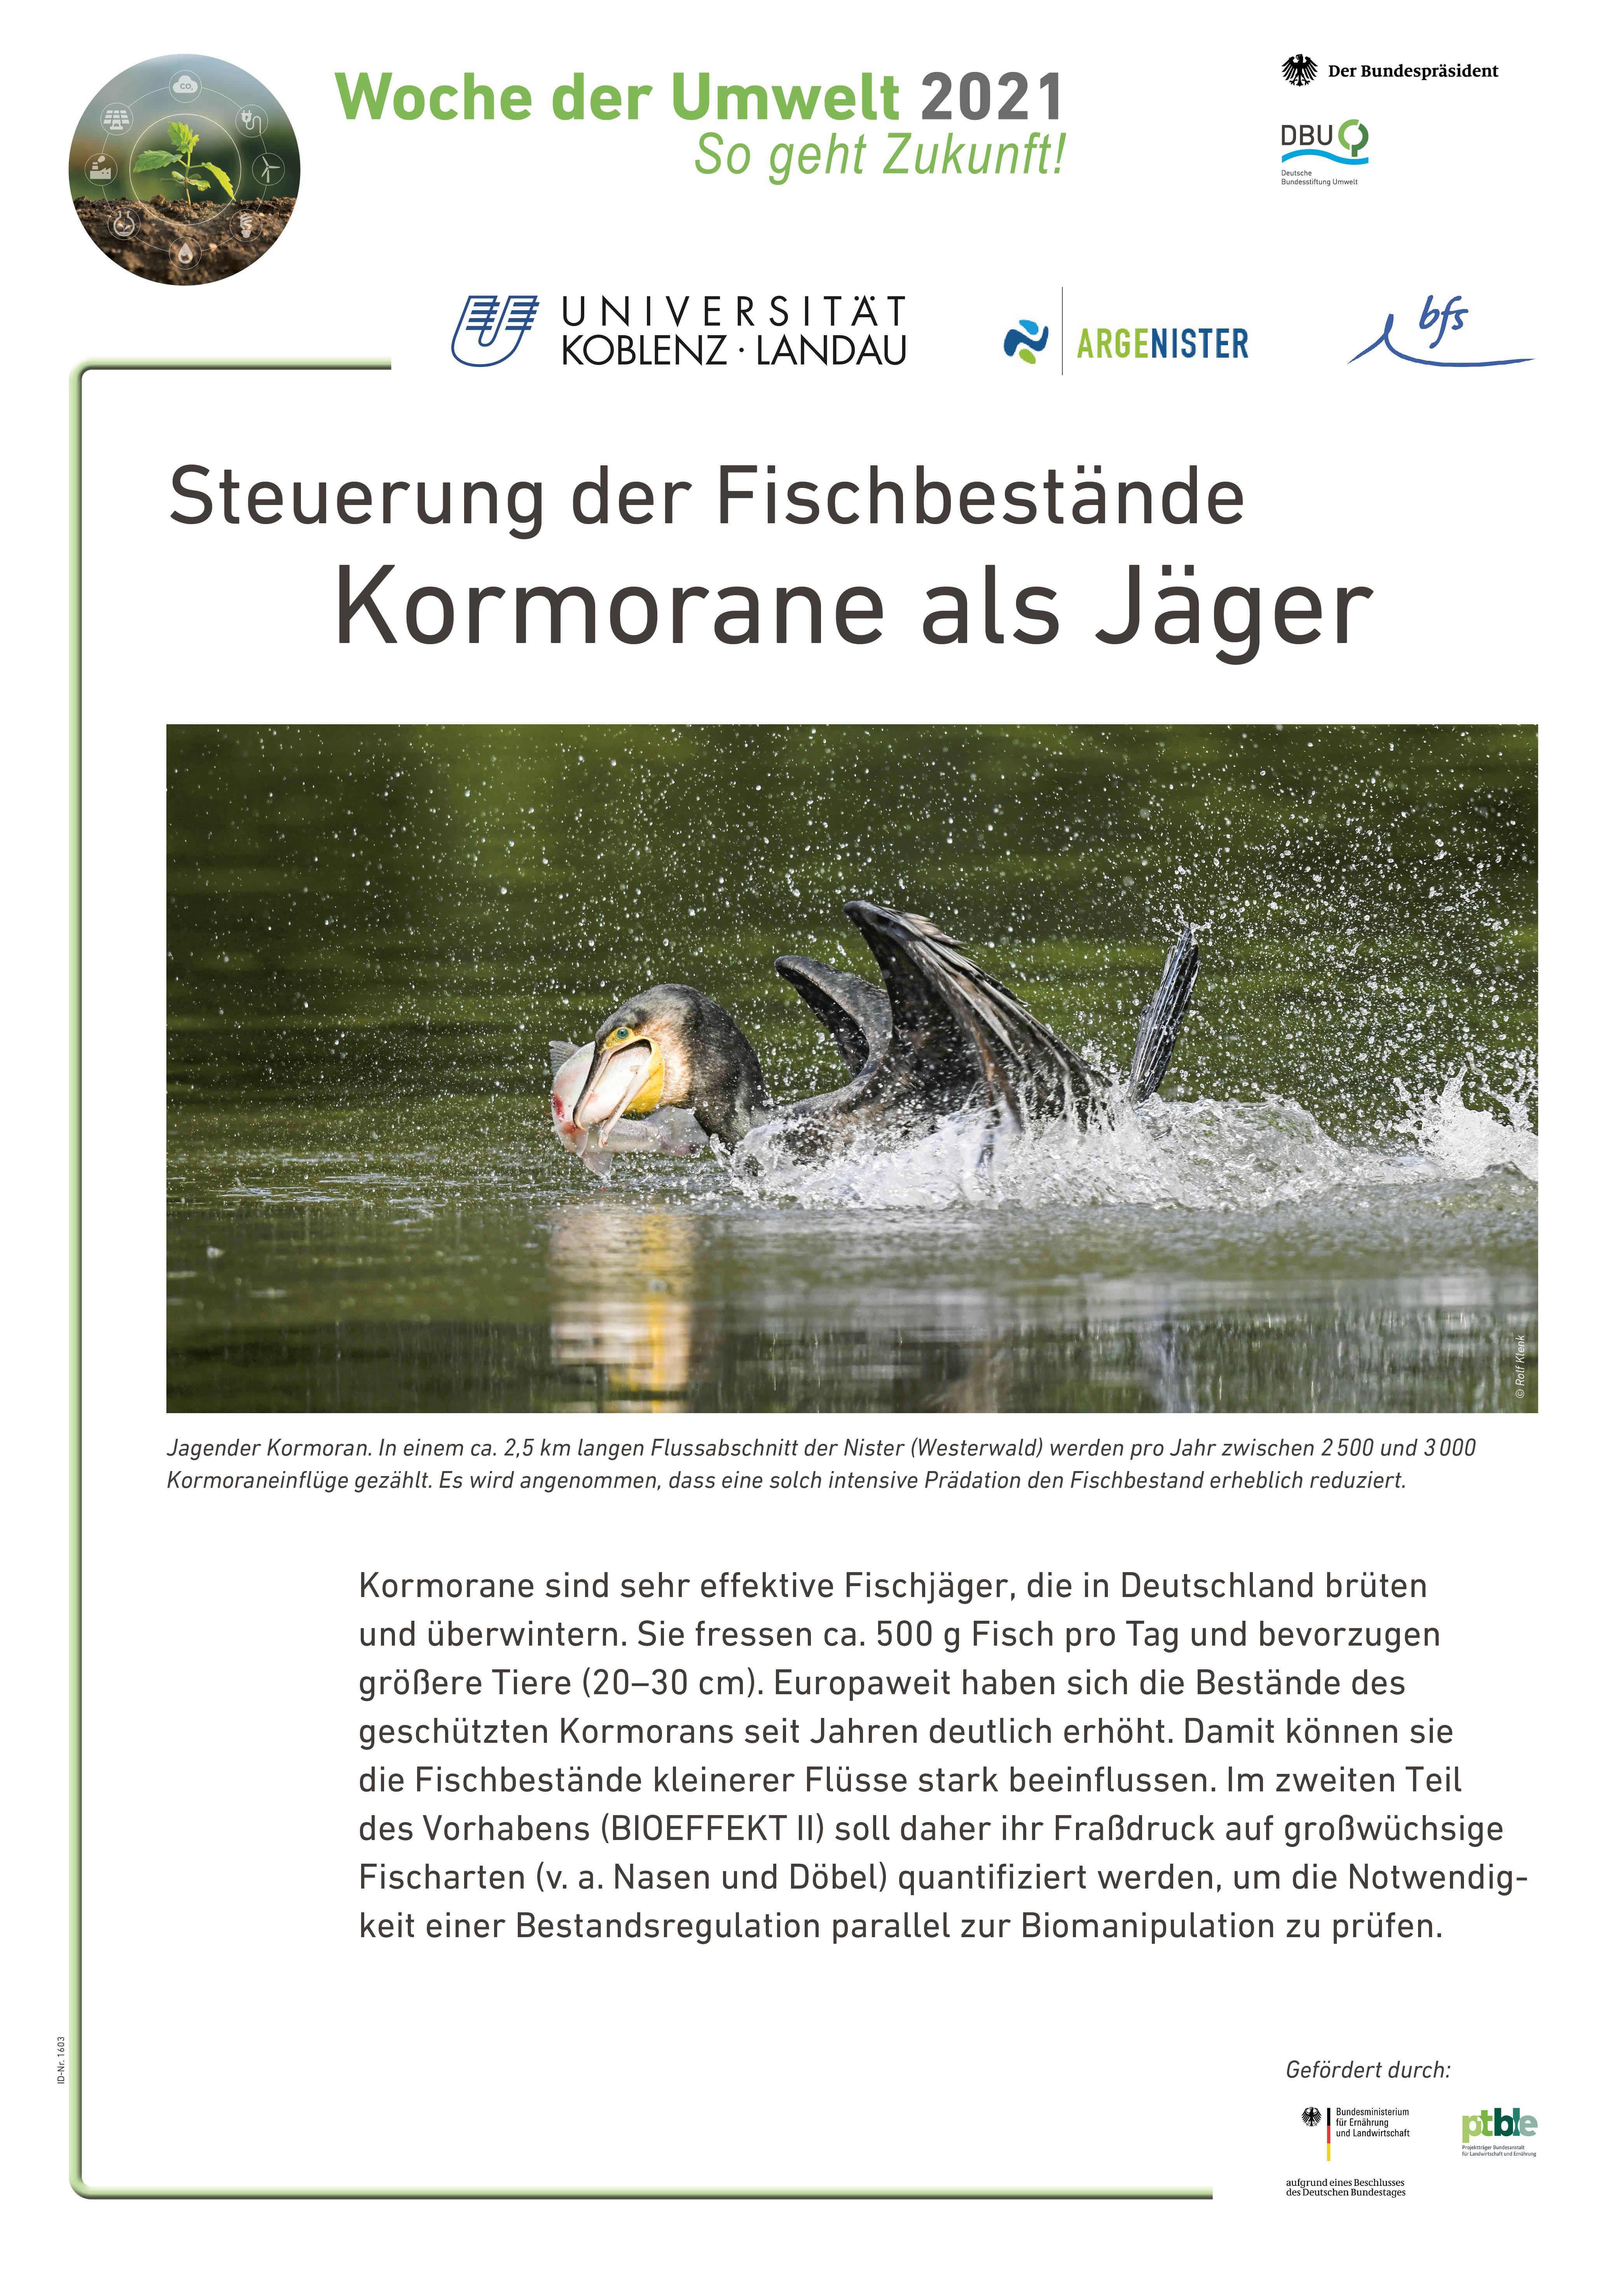 Der Kormoran als JägerSteuerung der Fischbestände (Biomanipulation)